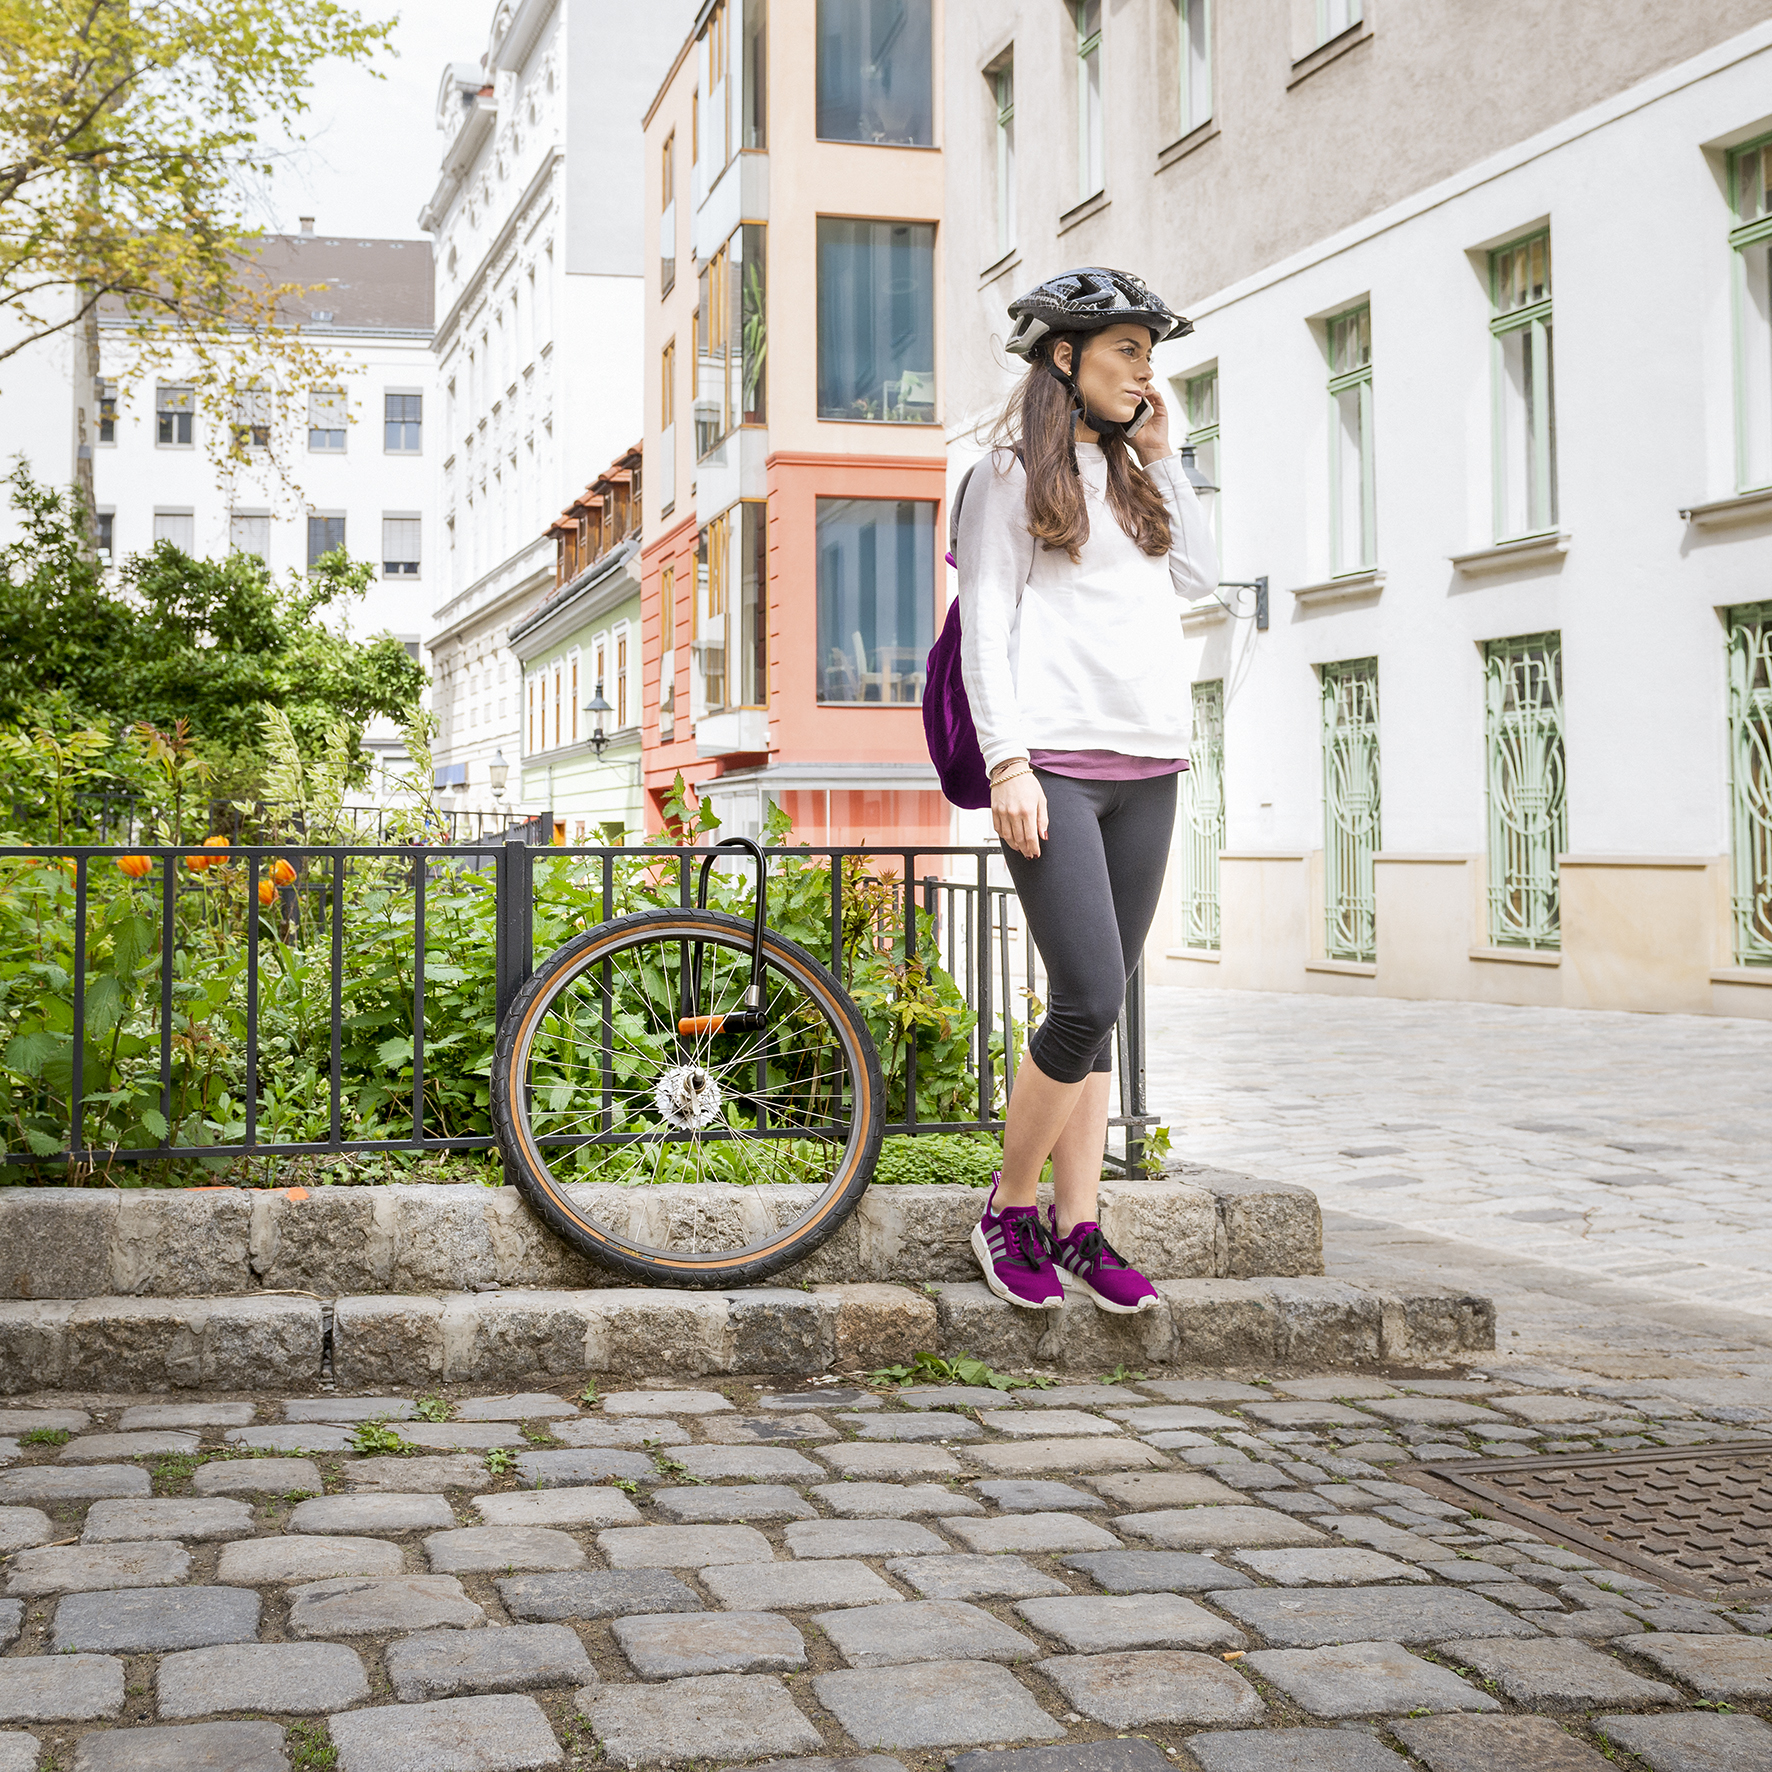 Djevojka s kacigom razgovara na mobitel pored gume od bicikla koji je ukradeen, a ostala je samo guma vezana za ogradu